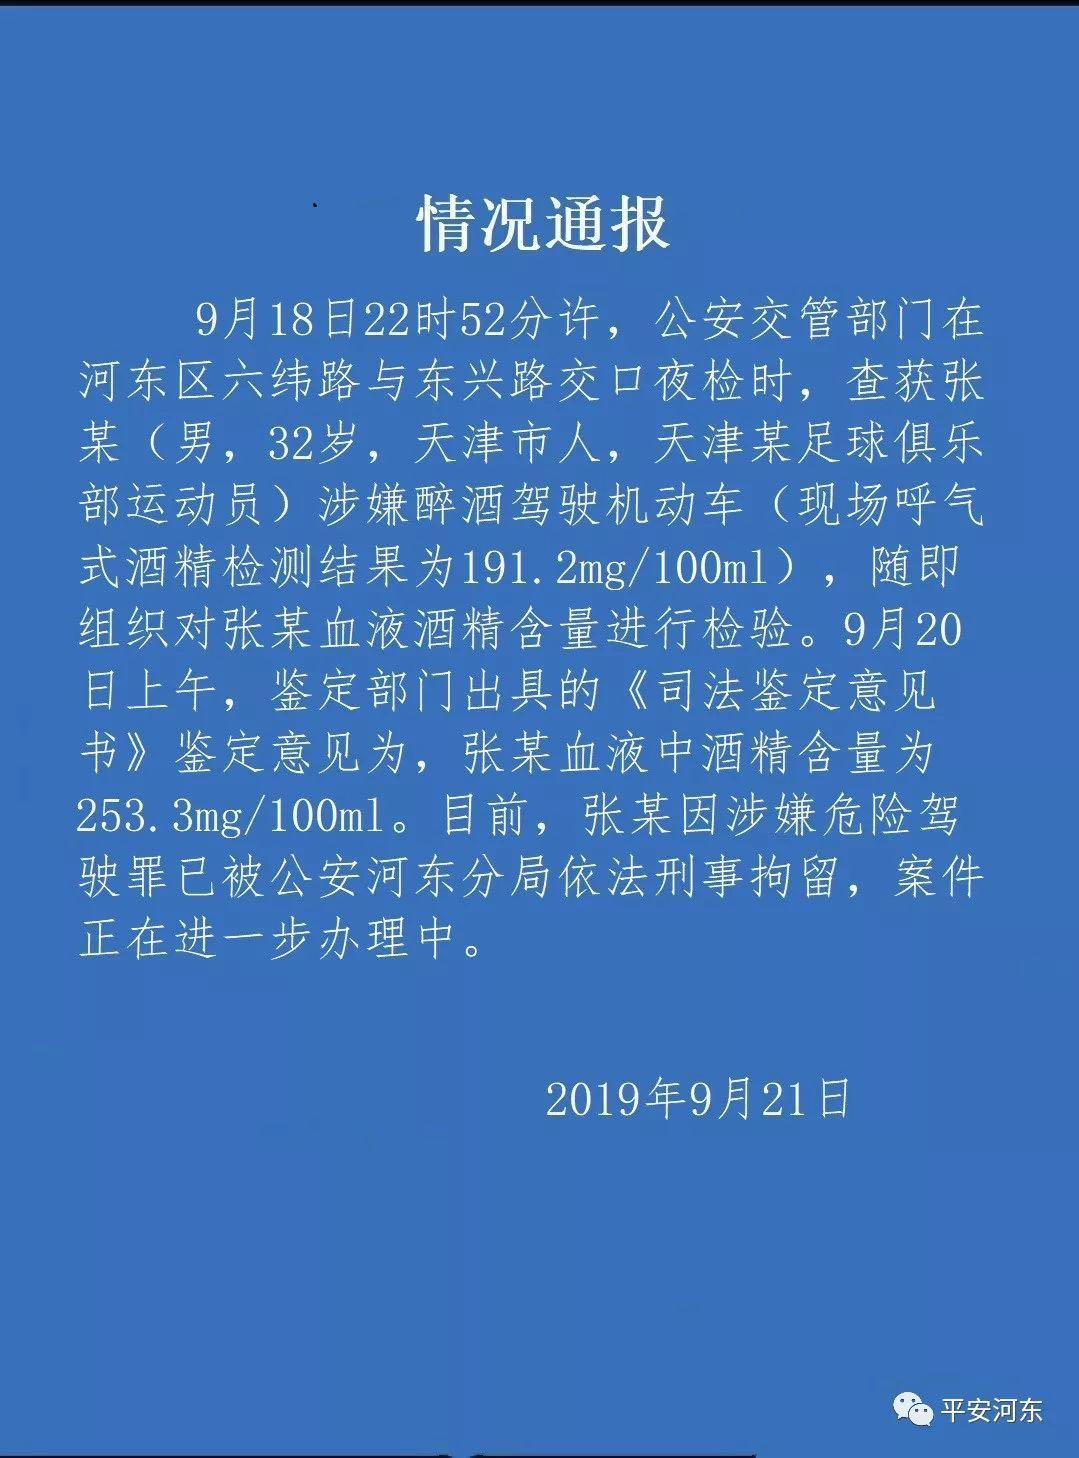 """碧桂园江苏区域 打造非公团建的""""红色名片"""""""